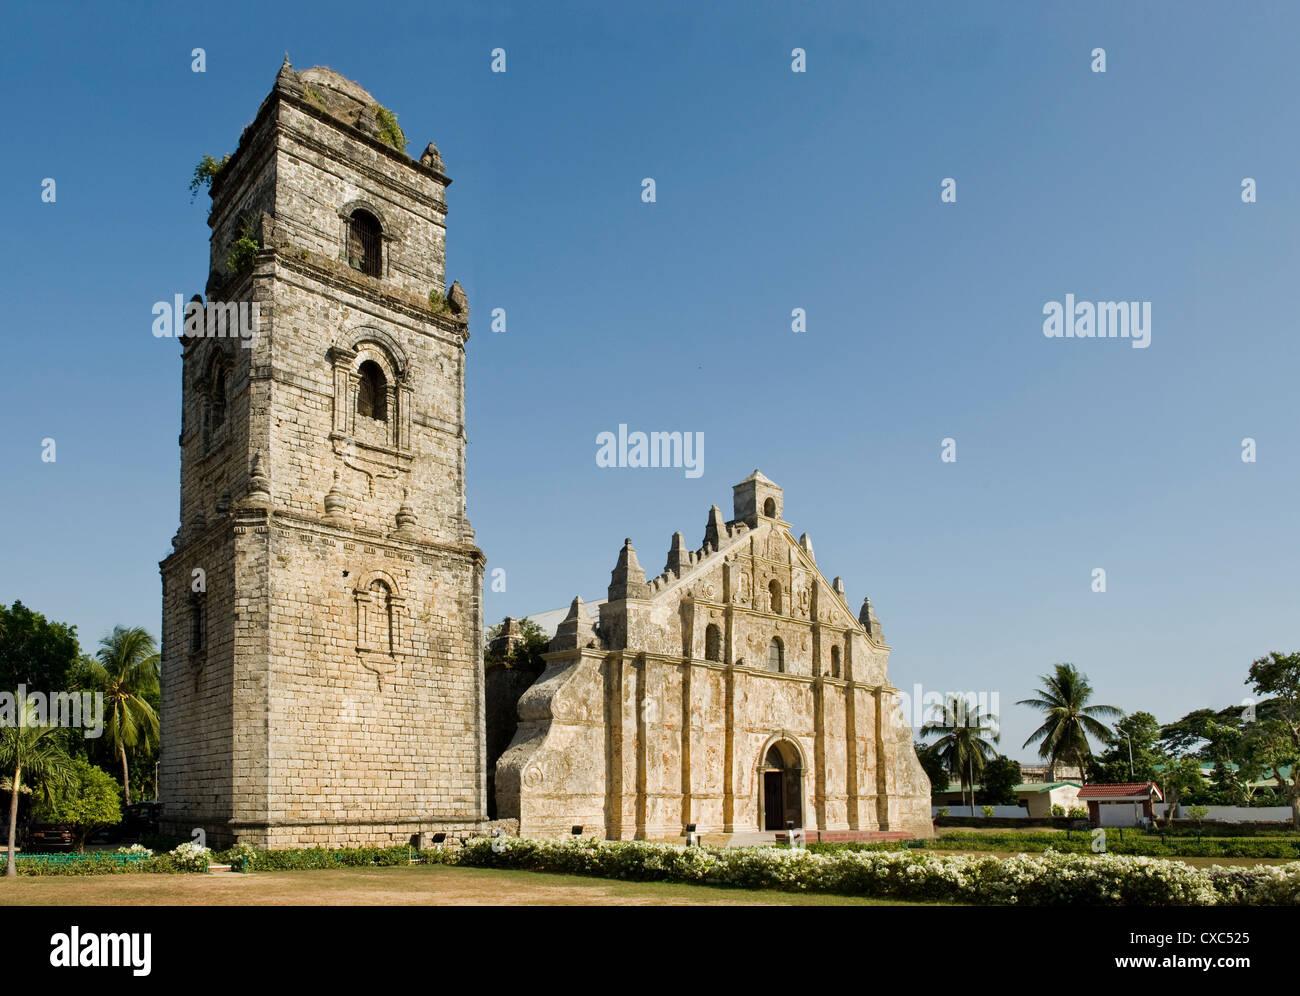 Paoay chiesa risalente al 1710, classico esempio di terremoto barocco con forti butresses, Ilocos Norte, Filippine Immagini Stock